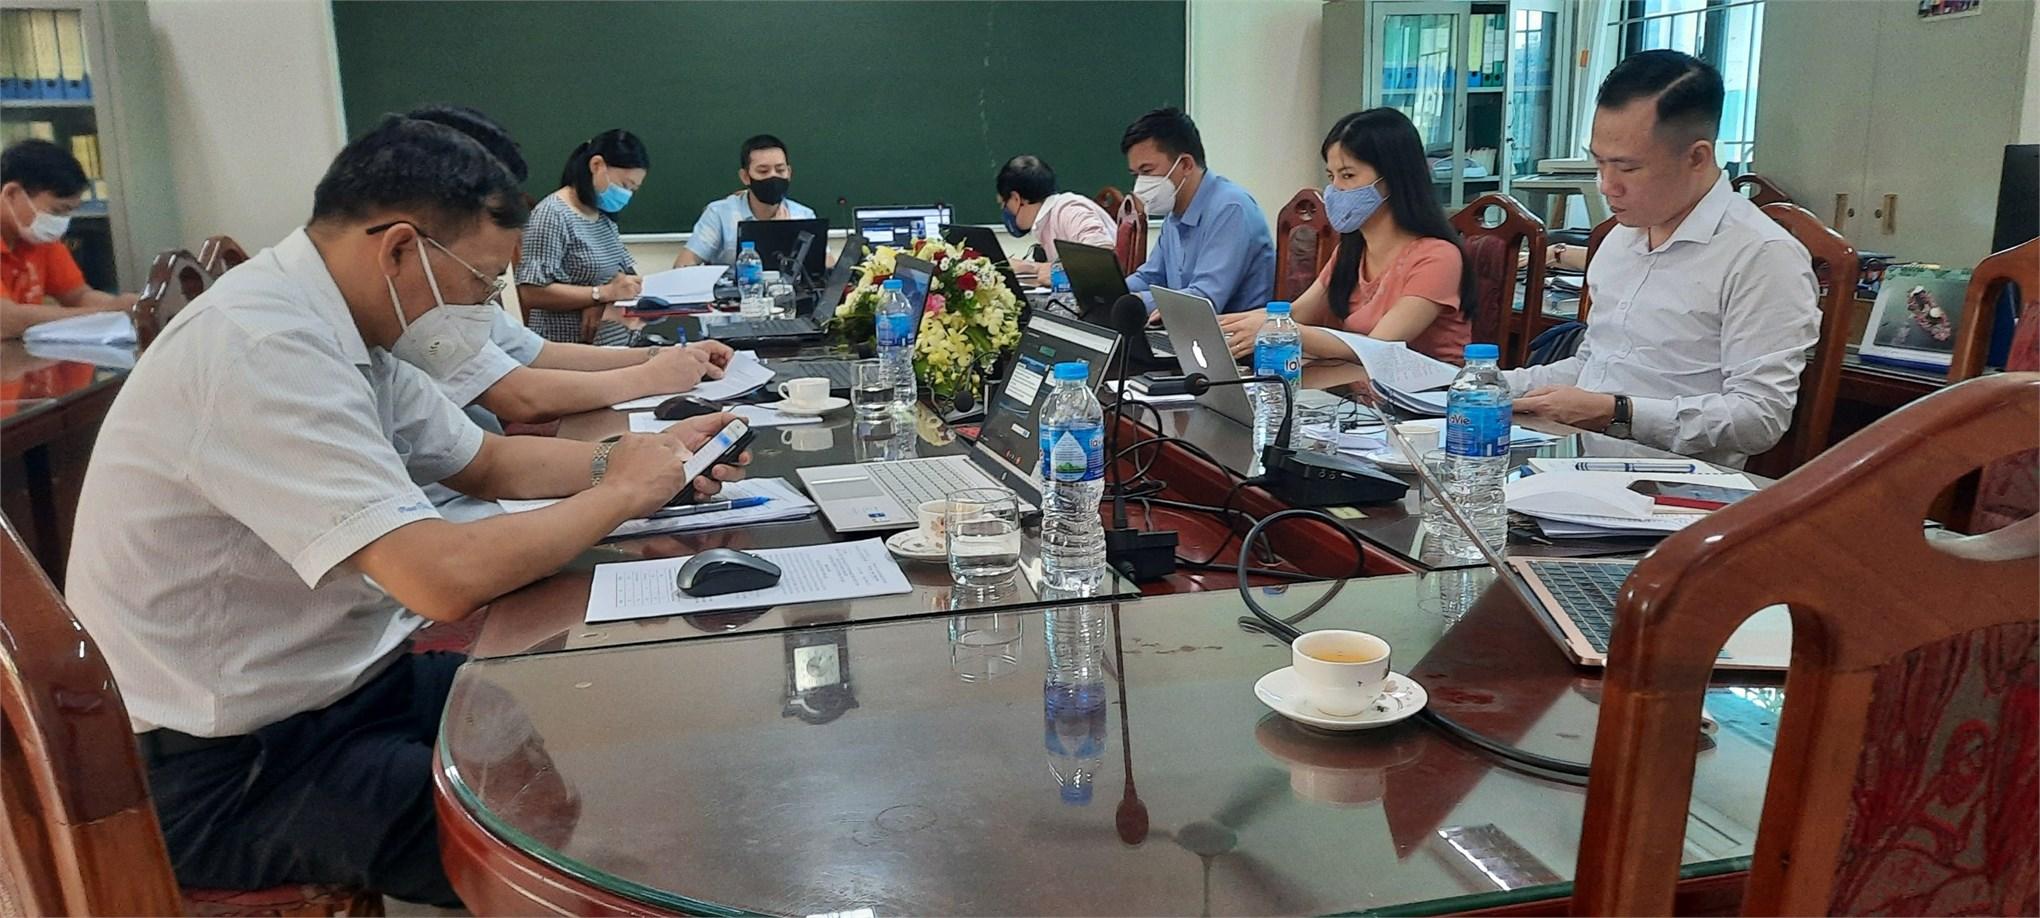 Hội nghị viên chức, người lao động tổng kết năm học 2020-2021 và triển khai nhiệm vụ năm học 2021-20222 khoa Công nghệ Hóa